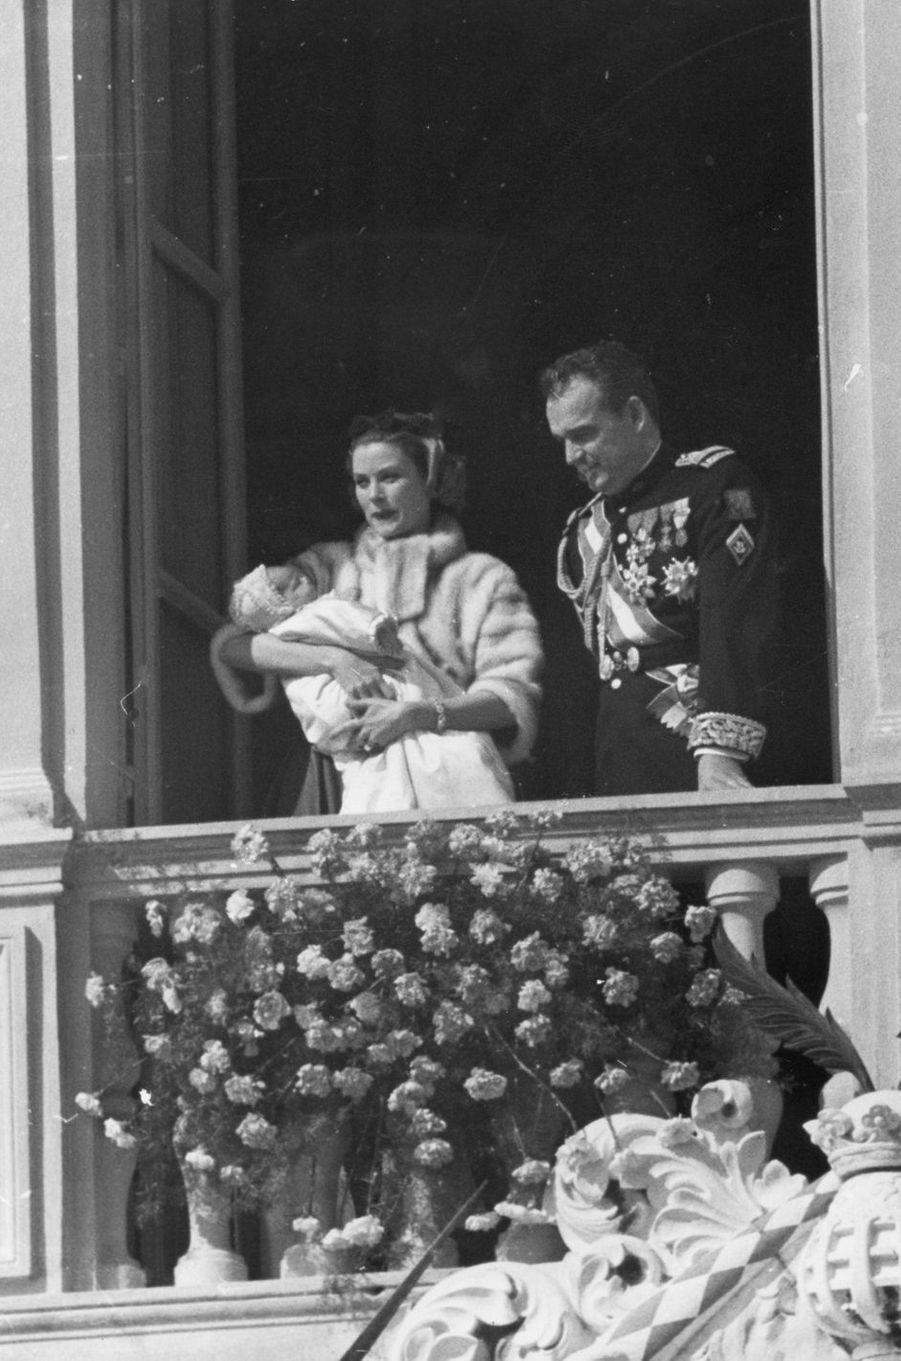 La princesse Caroline de Monaco le jour de son baptême avec ses parents le prince Rainier III et la princesse Grace le 5 mars 1957